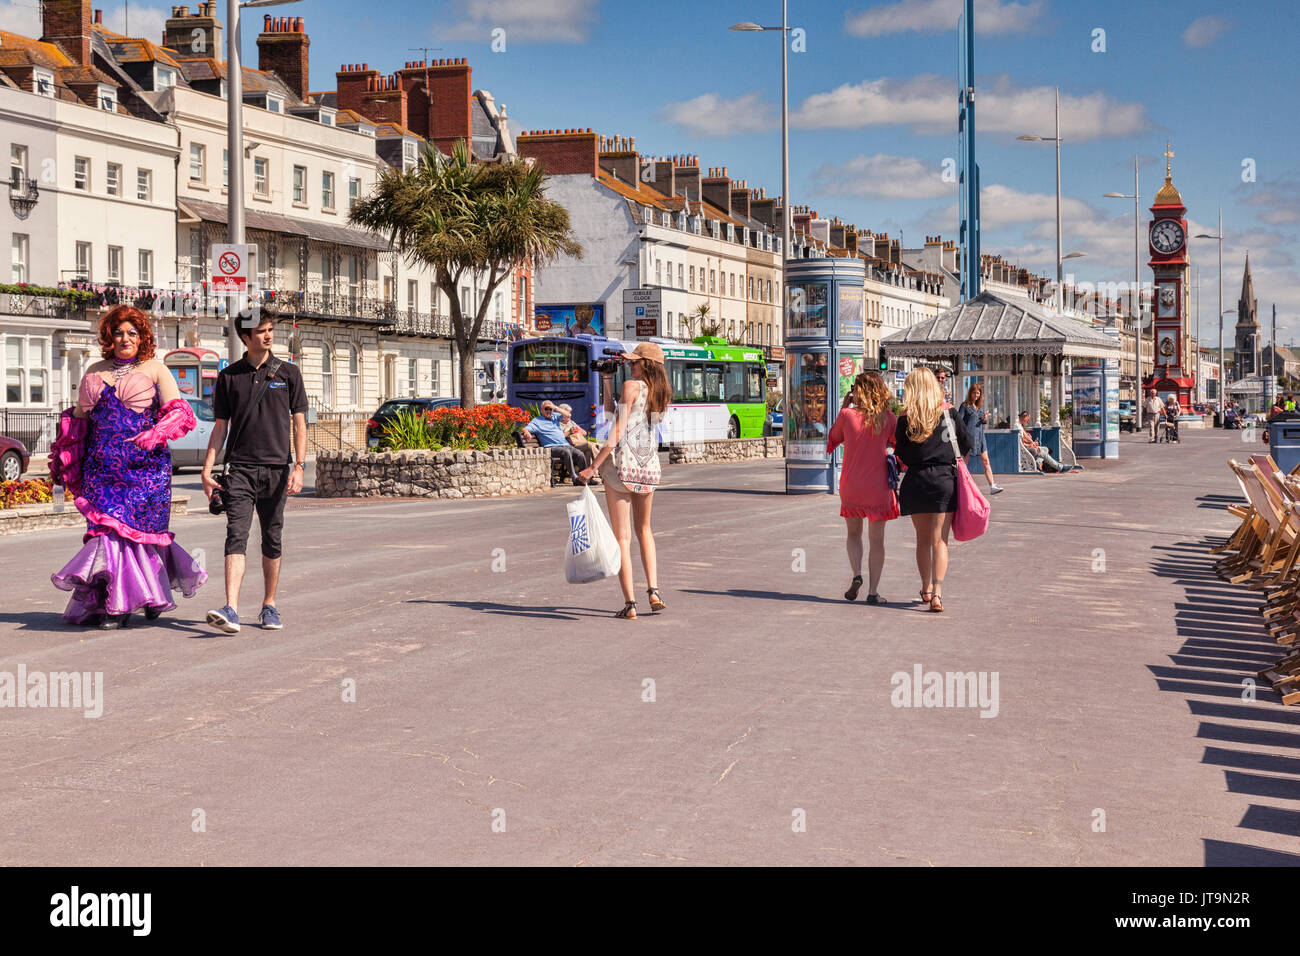 Vom 2. Juli 2017: Dorchester, Dorset, England, UK - einige der Sehenswürdigkeiten von Weymouth Promenade, einschließlich einer Pantomime Dame, einige hübsche Mädchen und die berühmte Ju Stockbild